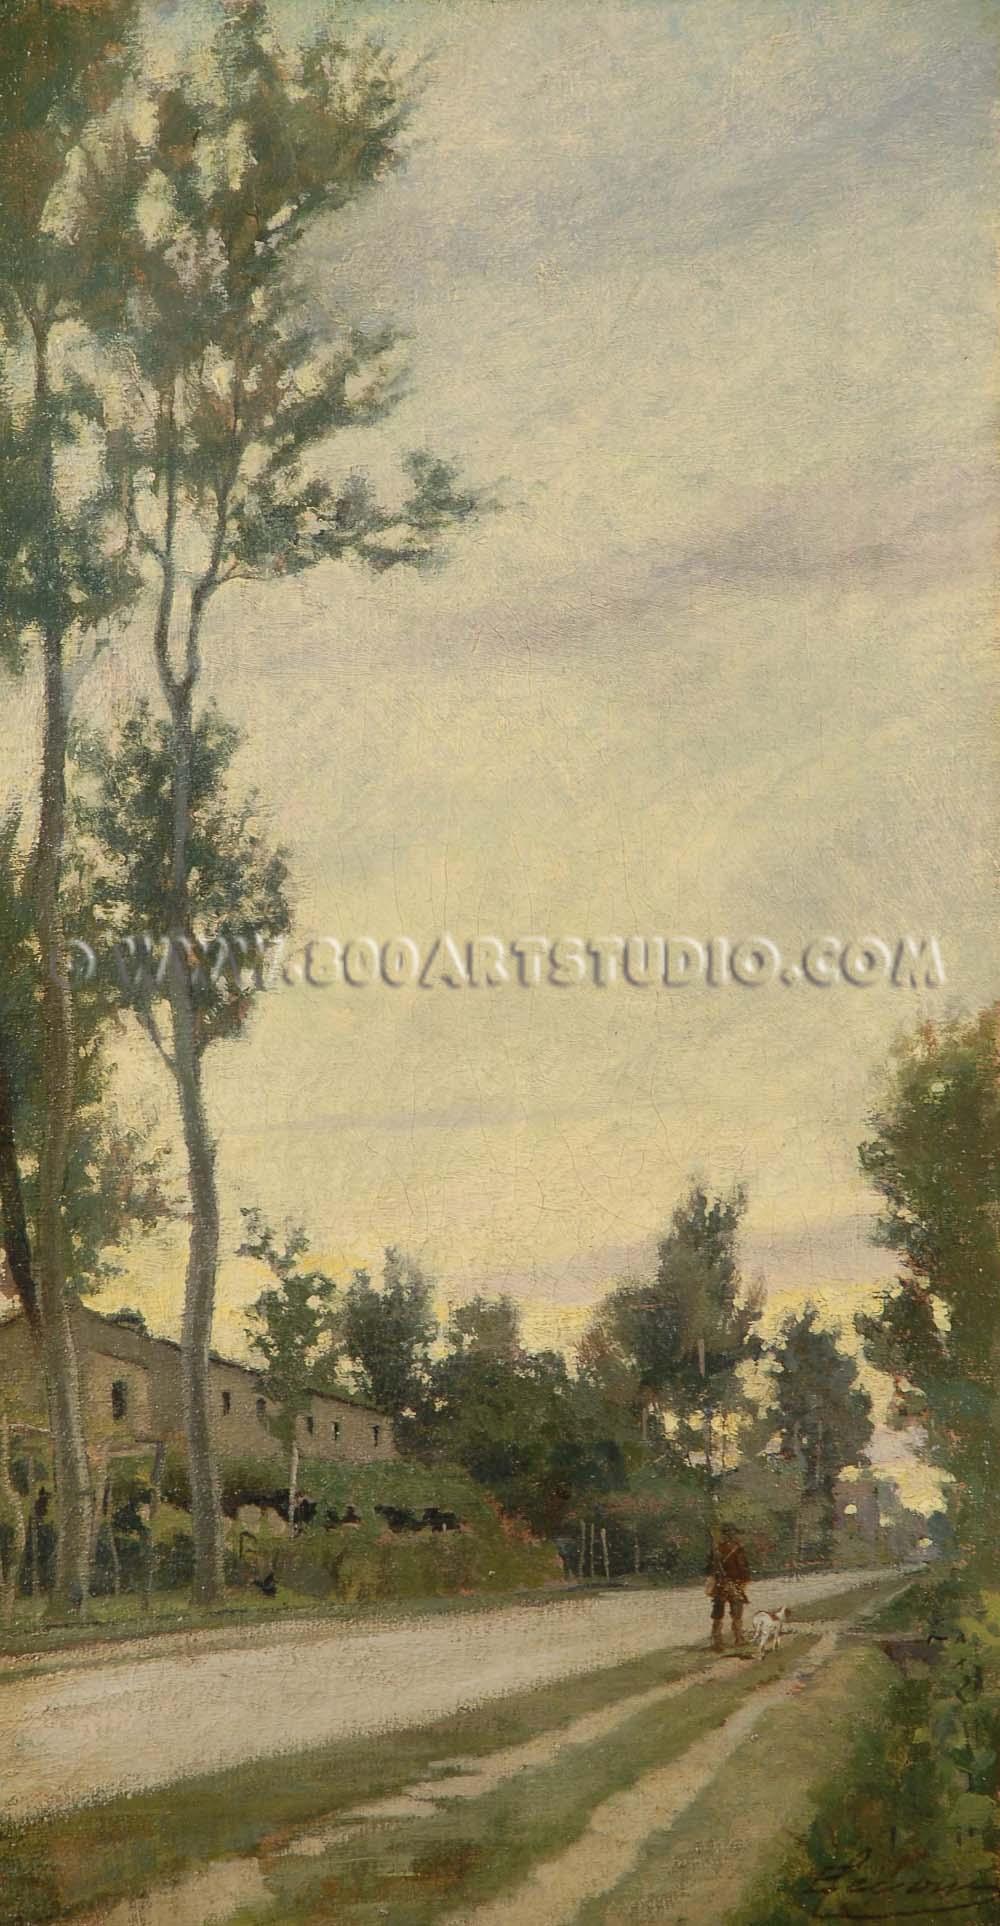 Eugenio Cecconi - Landscape with hunter